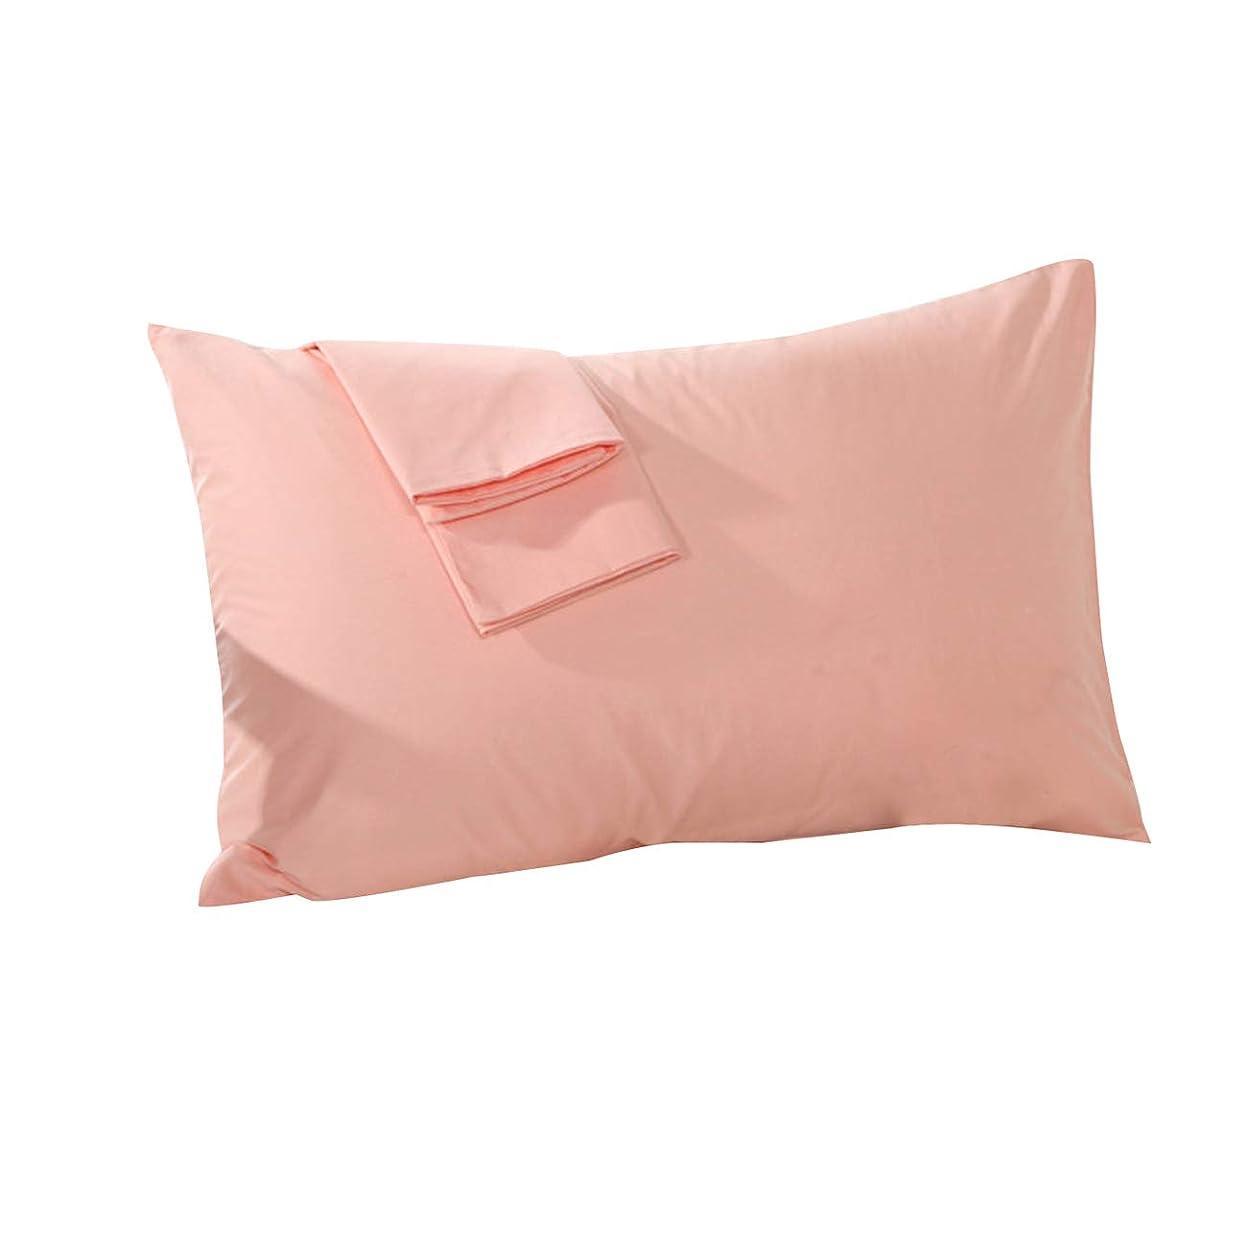 グレー正直薬局枕カバー 75×50cm(70x50cmも可) 綿100% ピローケース 無地 封筒式 12色 (ピンク, 75×50cm)